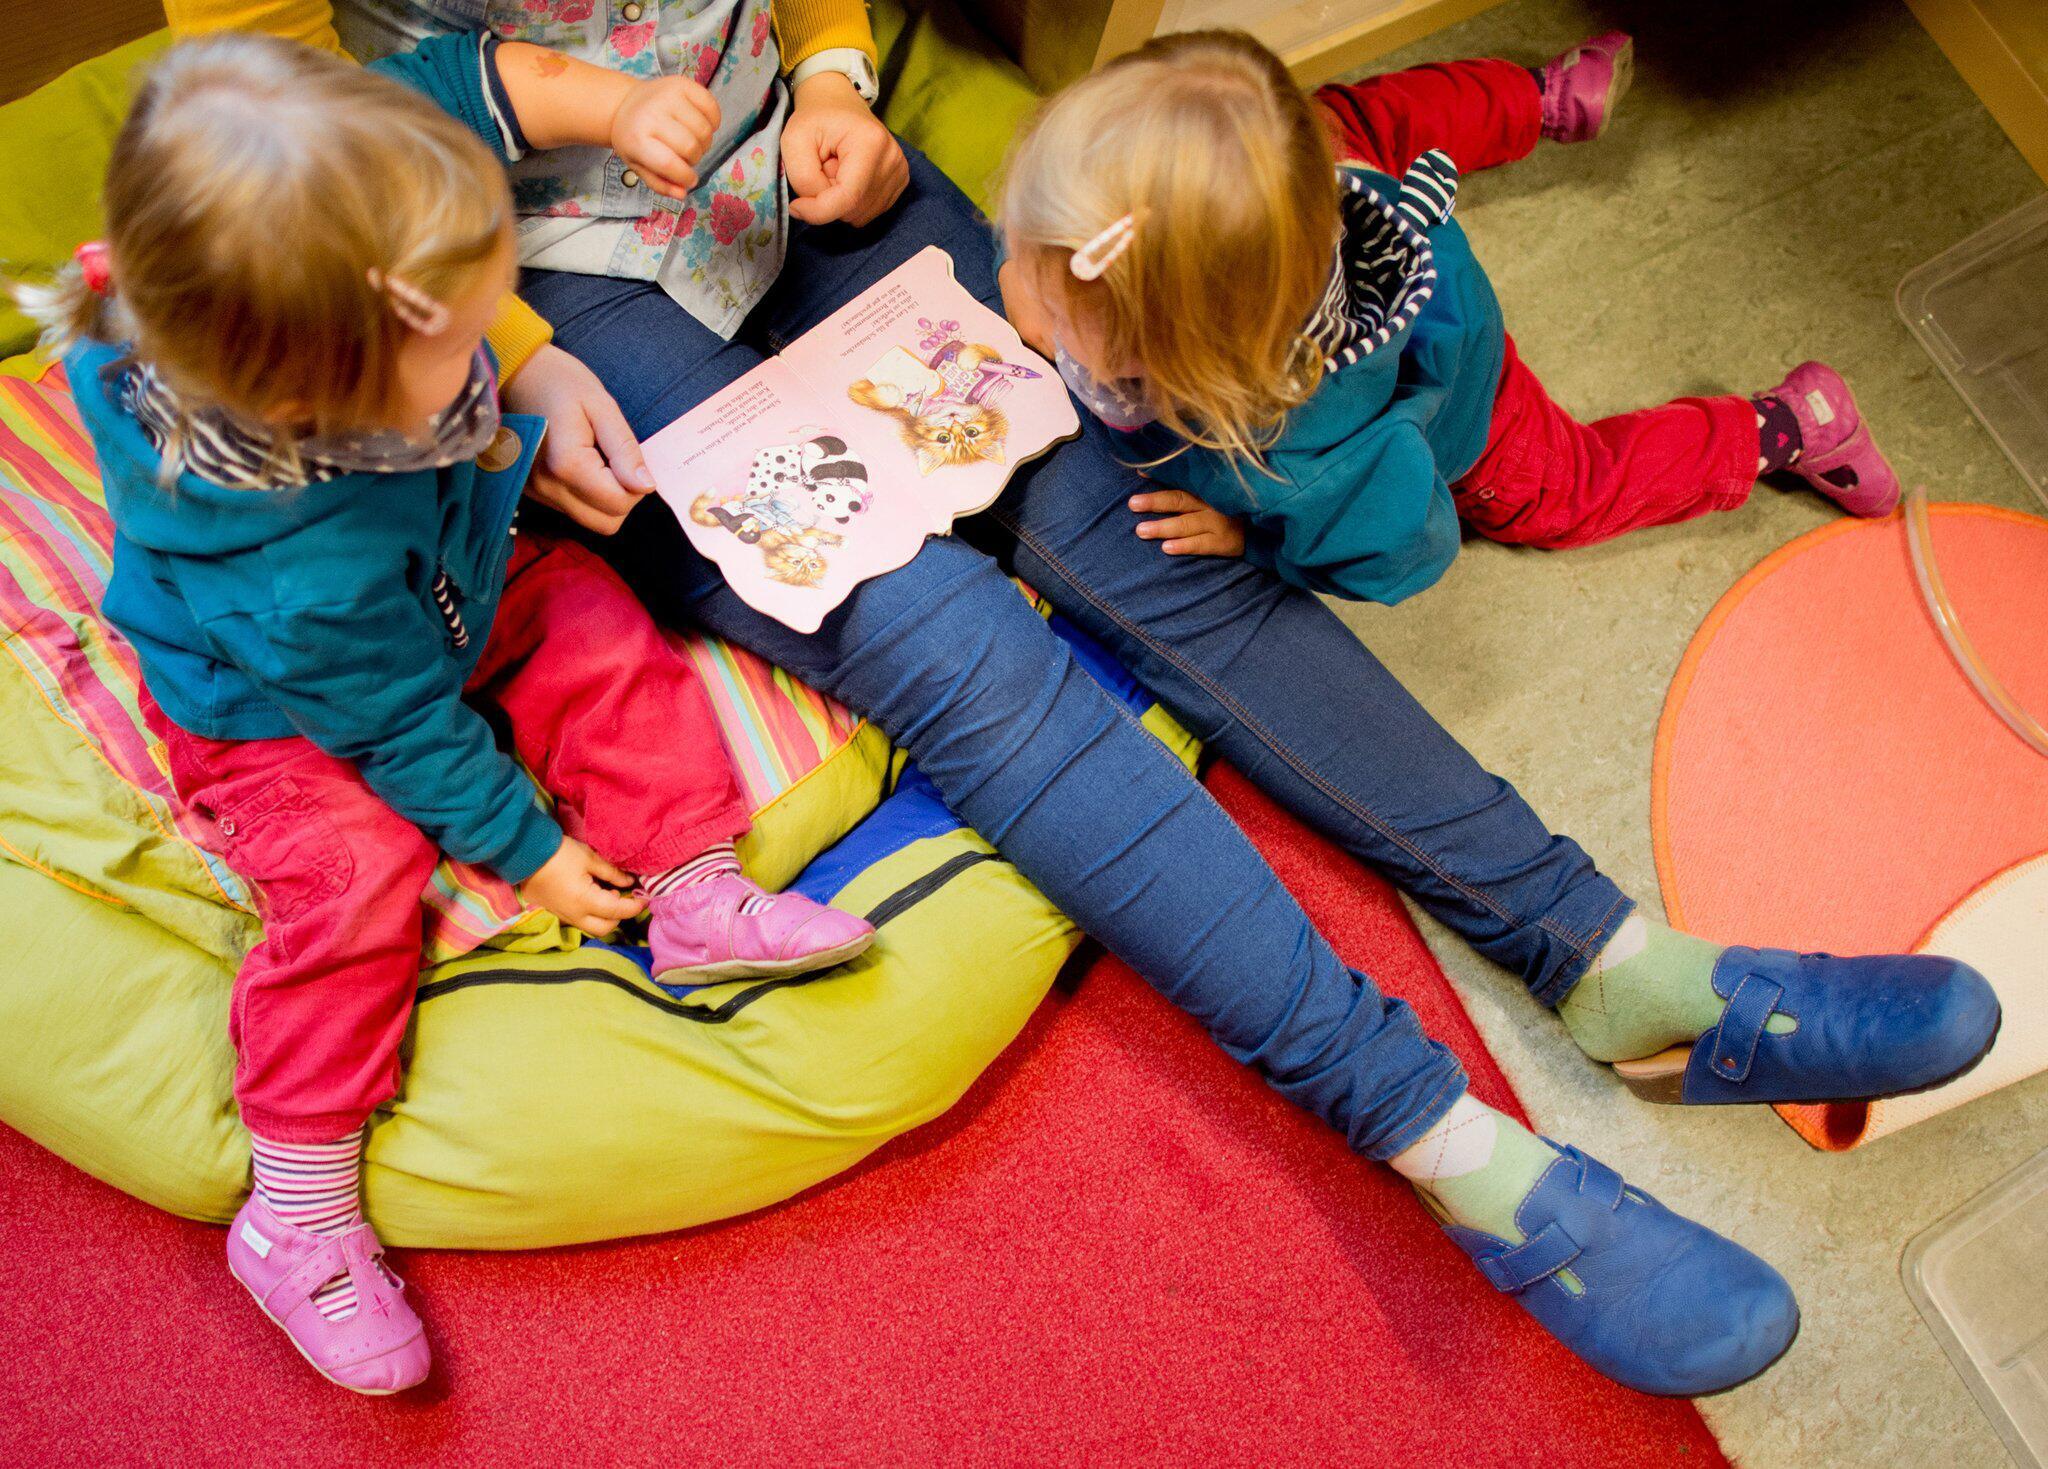 Kita Familien Durch Beiträge Ungleich Belastet Webde